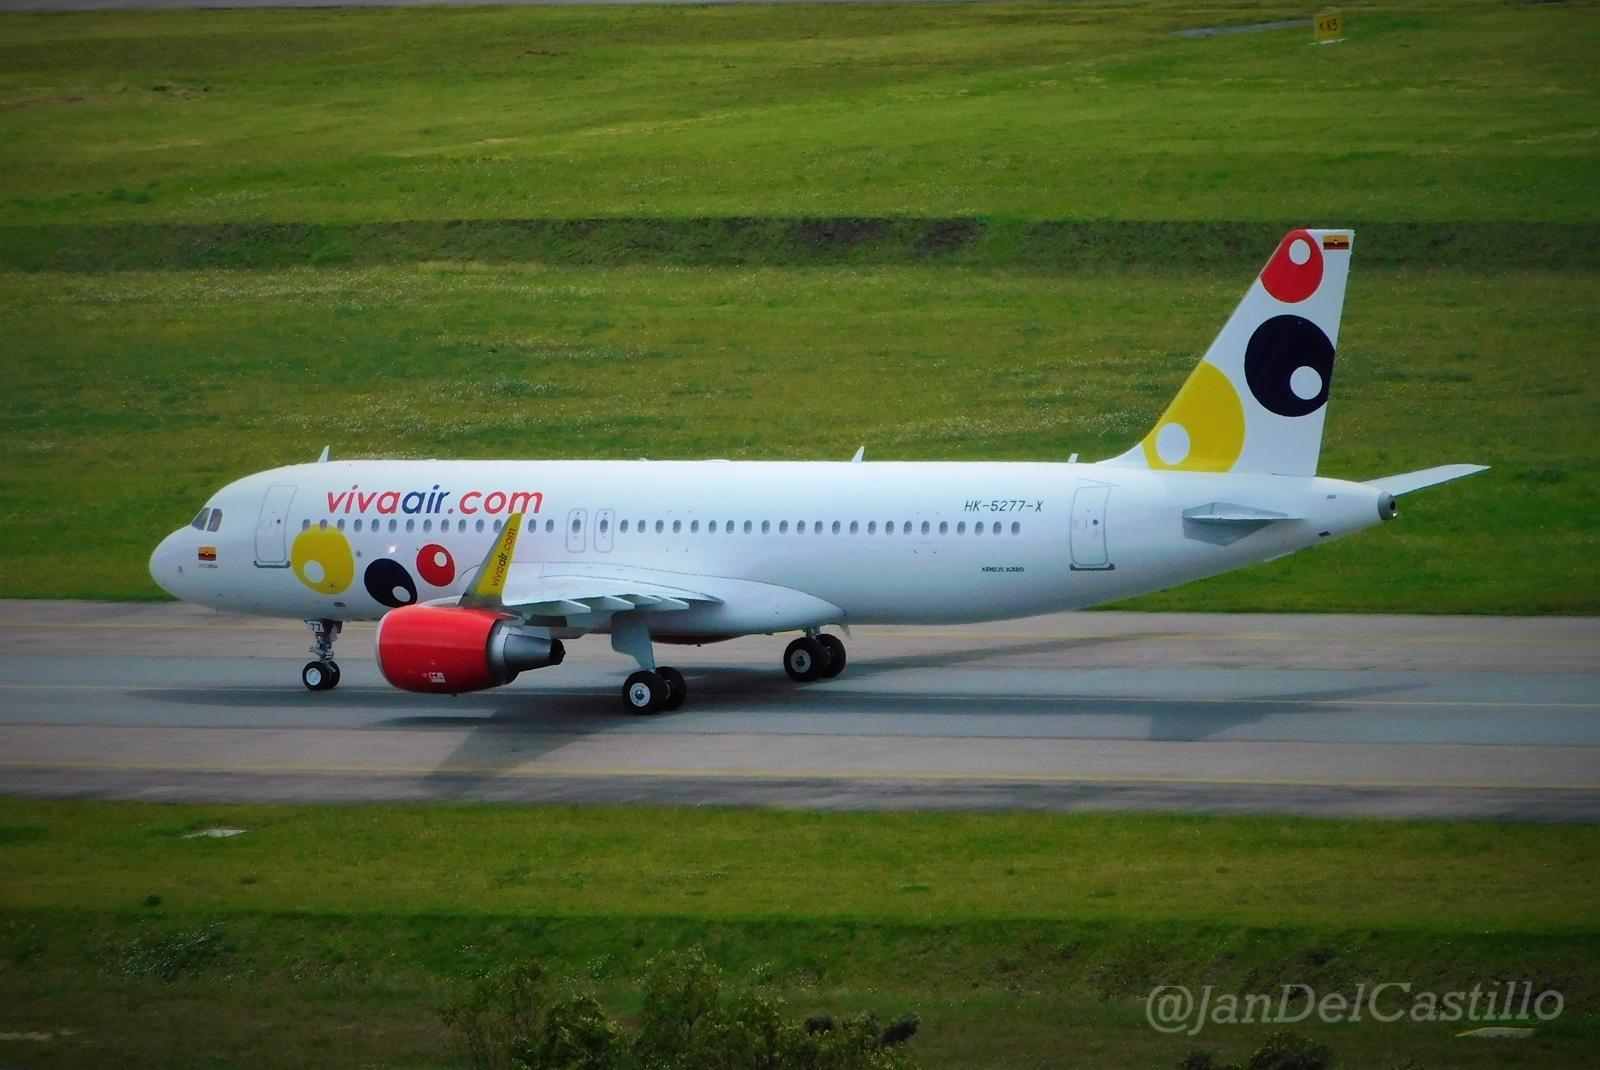 Llegó a Colombia el segundo avión nuevo de Viva Air